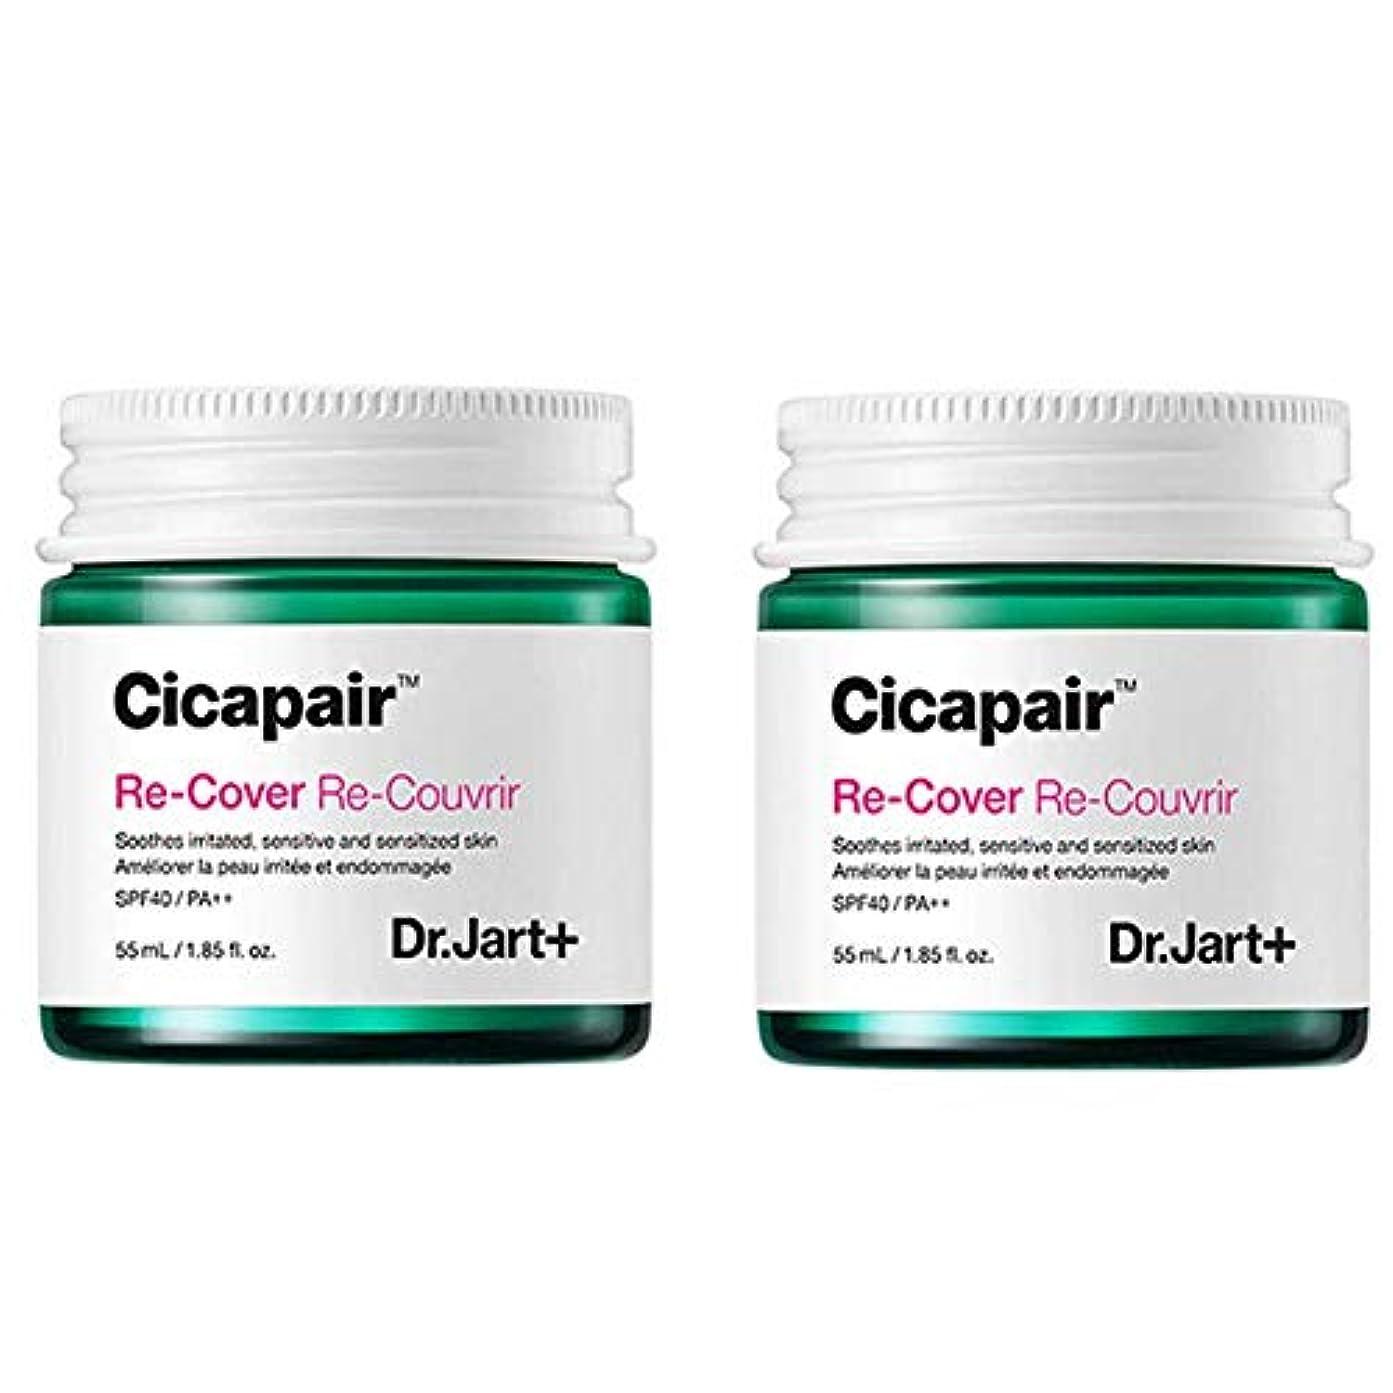 伝記地下鉄ブロッサムDr.Jart+ Cicapair ReCover X 2 ドクタージャルトシカペアリカバー X 2 (2代目)皮膚回復 紫外線カット 黄砂ケア [並行輸入品]